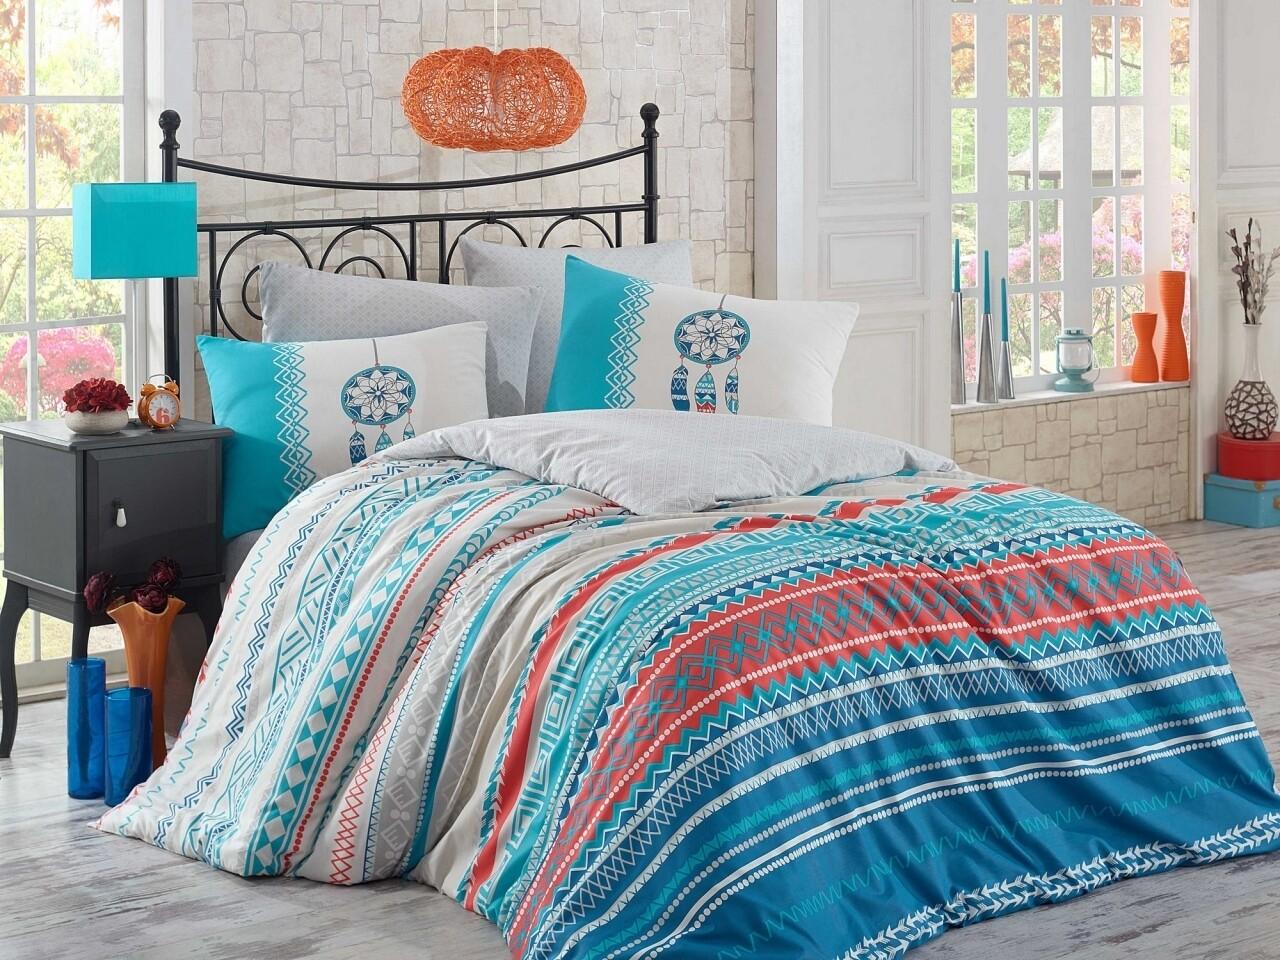 Lenjerie de pat pentru o persoana, 3 piese, 100% bumbac ranforce, Hobby, Eva, multicolora